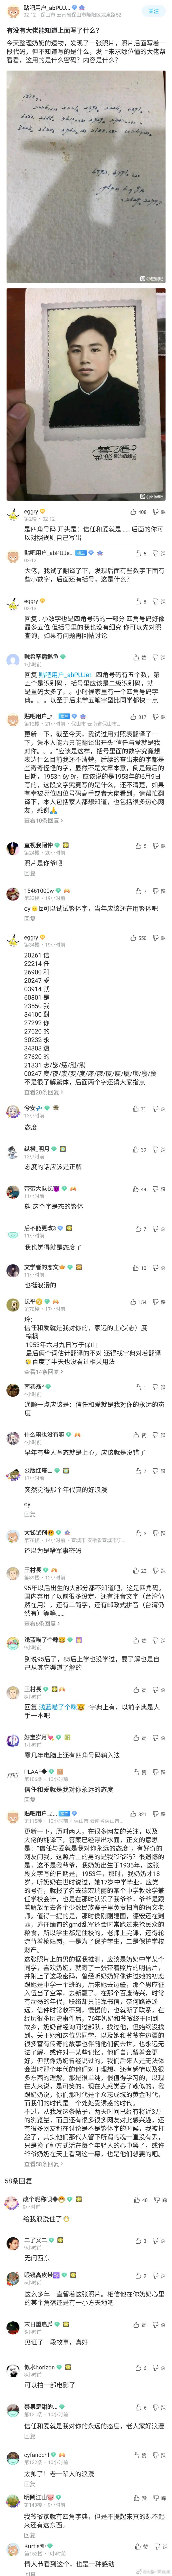 日刊:郑爽事件牵连多名网红明星 是怎么回事? liuliushe.net六六社 第27张